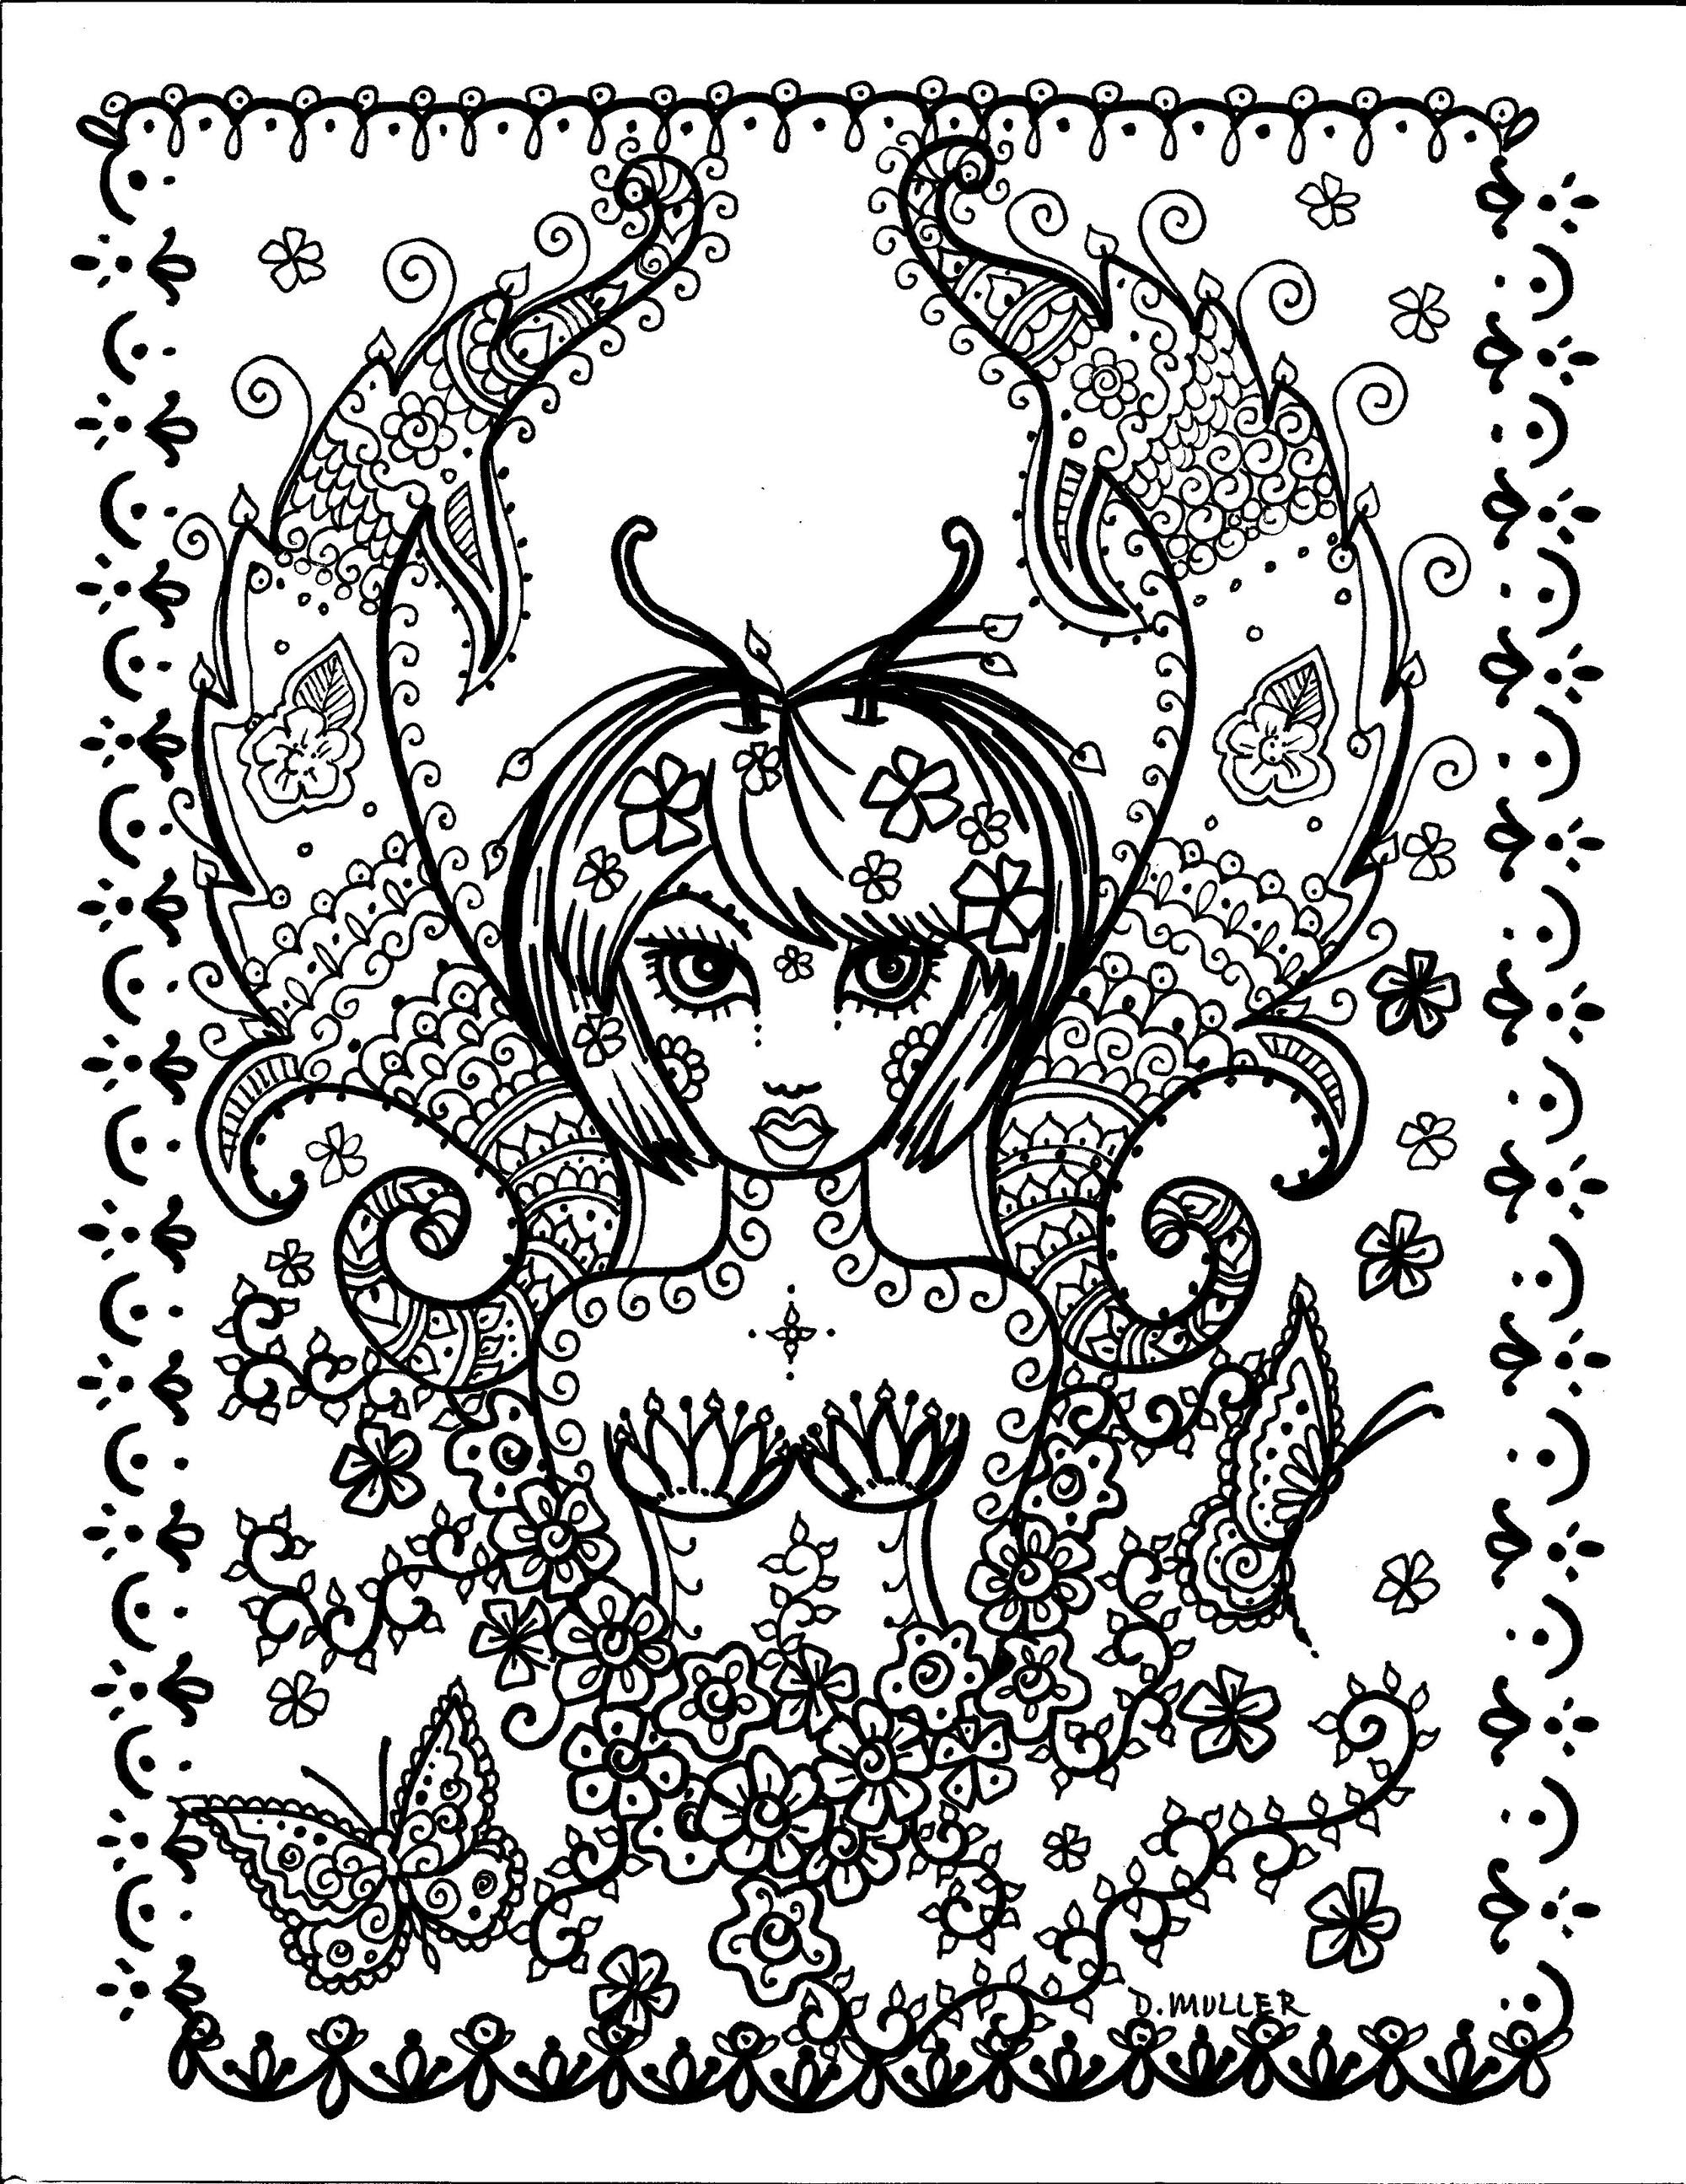 La fille papillon | A partir de la galerie : Anti Stress | Artiste : Deborah Muller